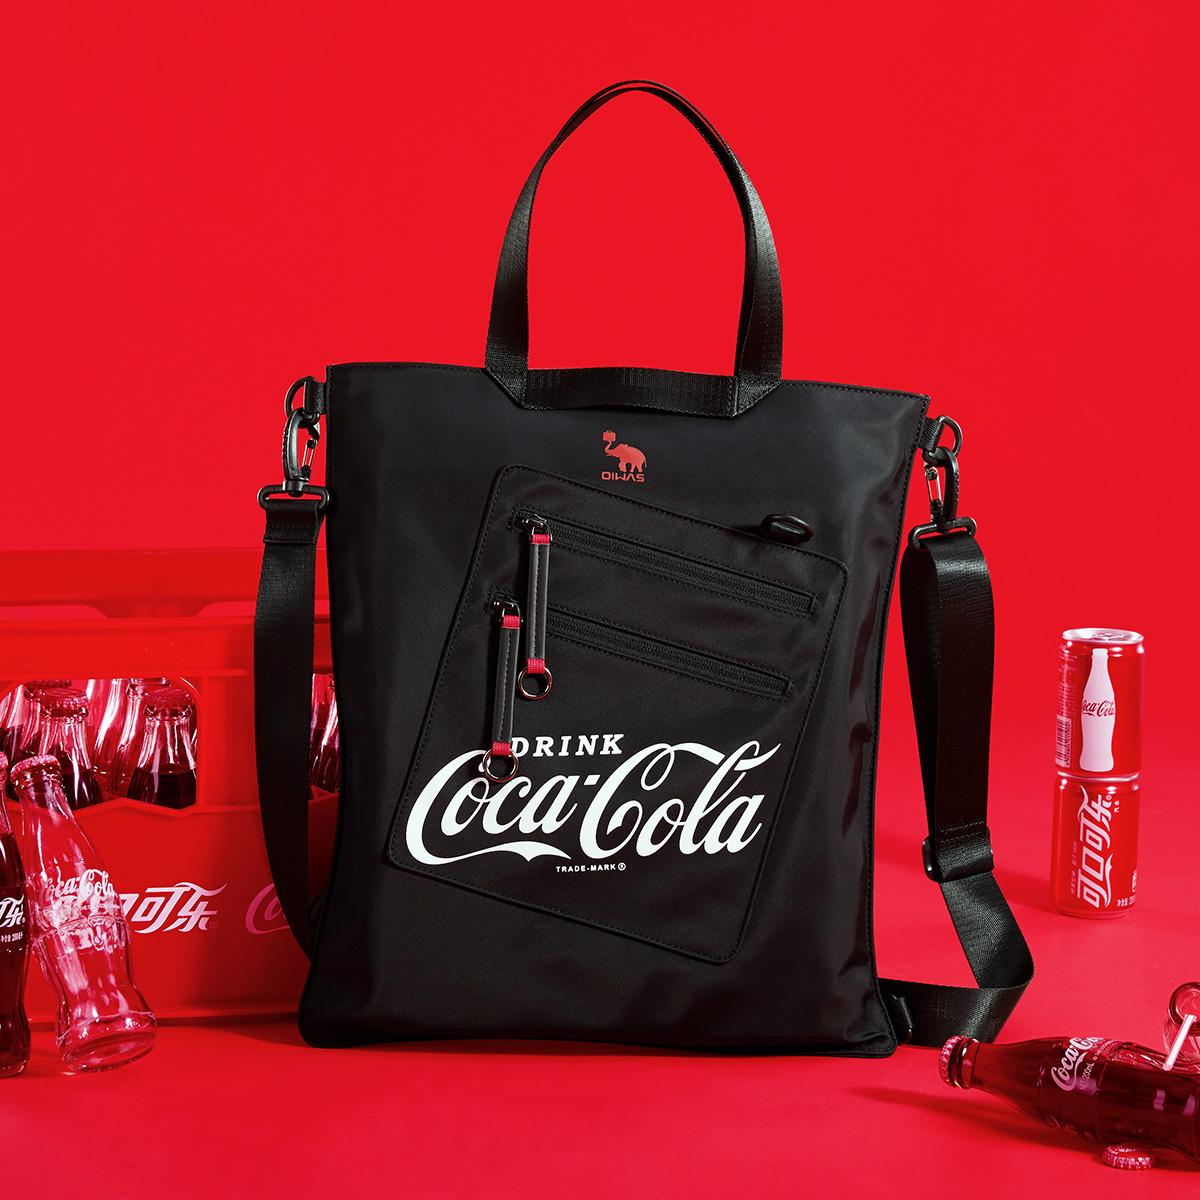 爱华仕可口可乐联名设计款男士包包单肩斜挎包